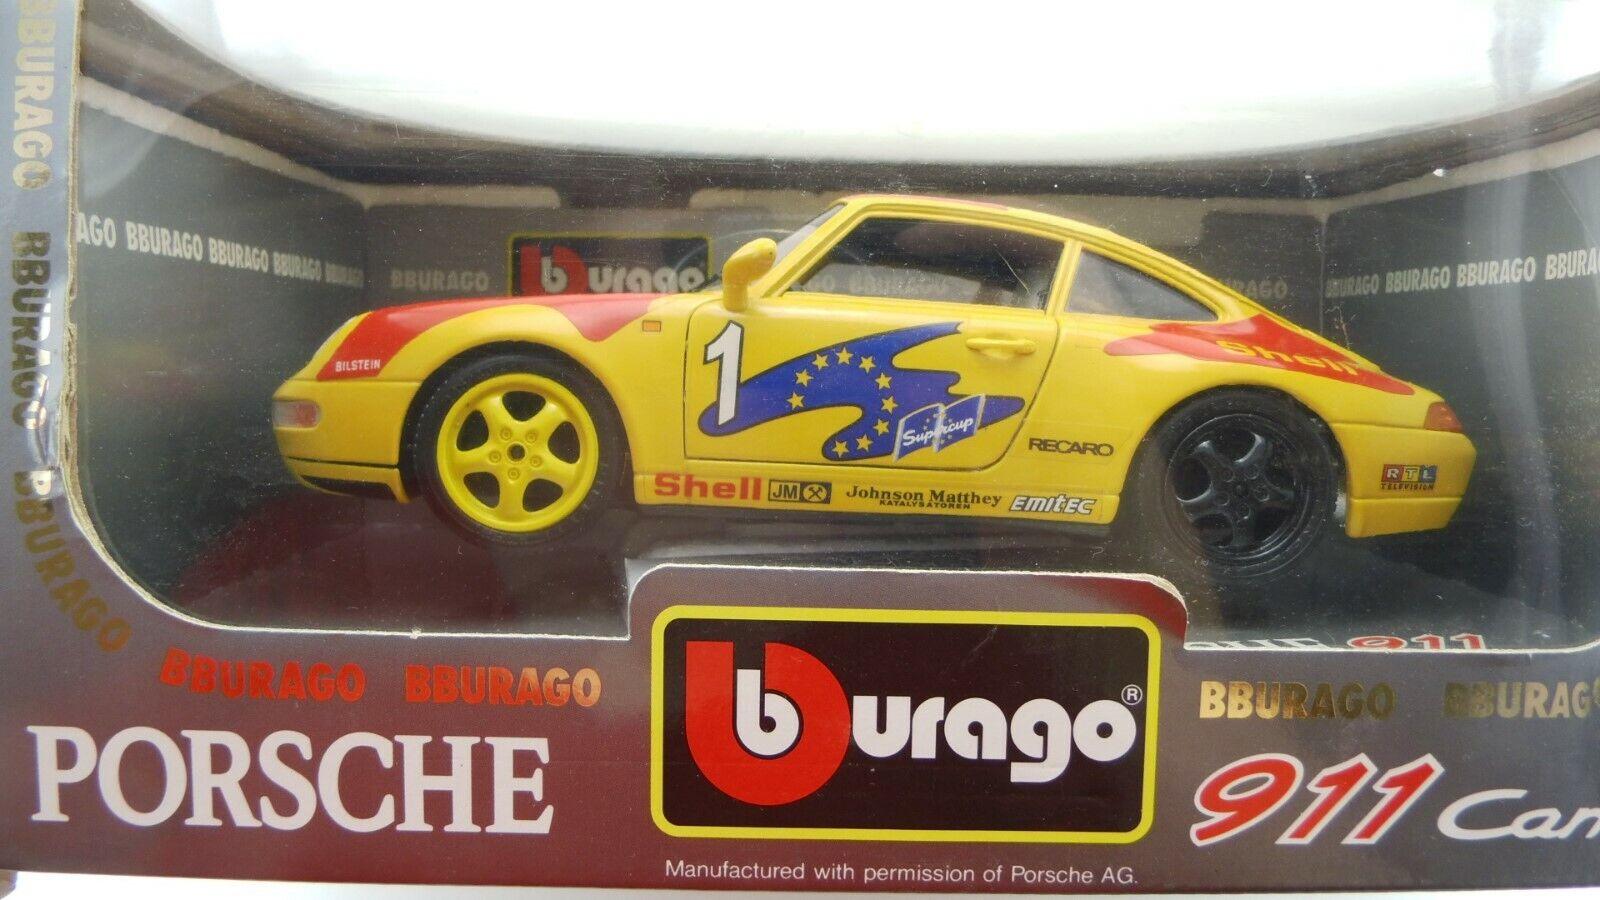 BURAGO  PORSCHE 911 voiturerera GT 3360 1993 Bburago neuf dans sa boîte a942 NEUF  votre satisfaction est notre cible